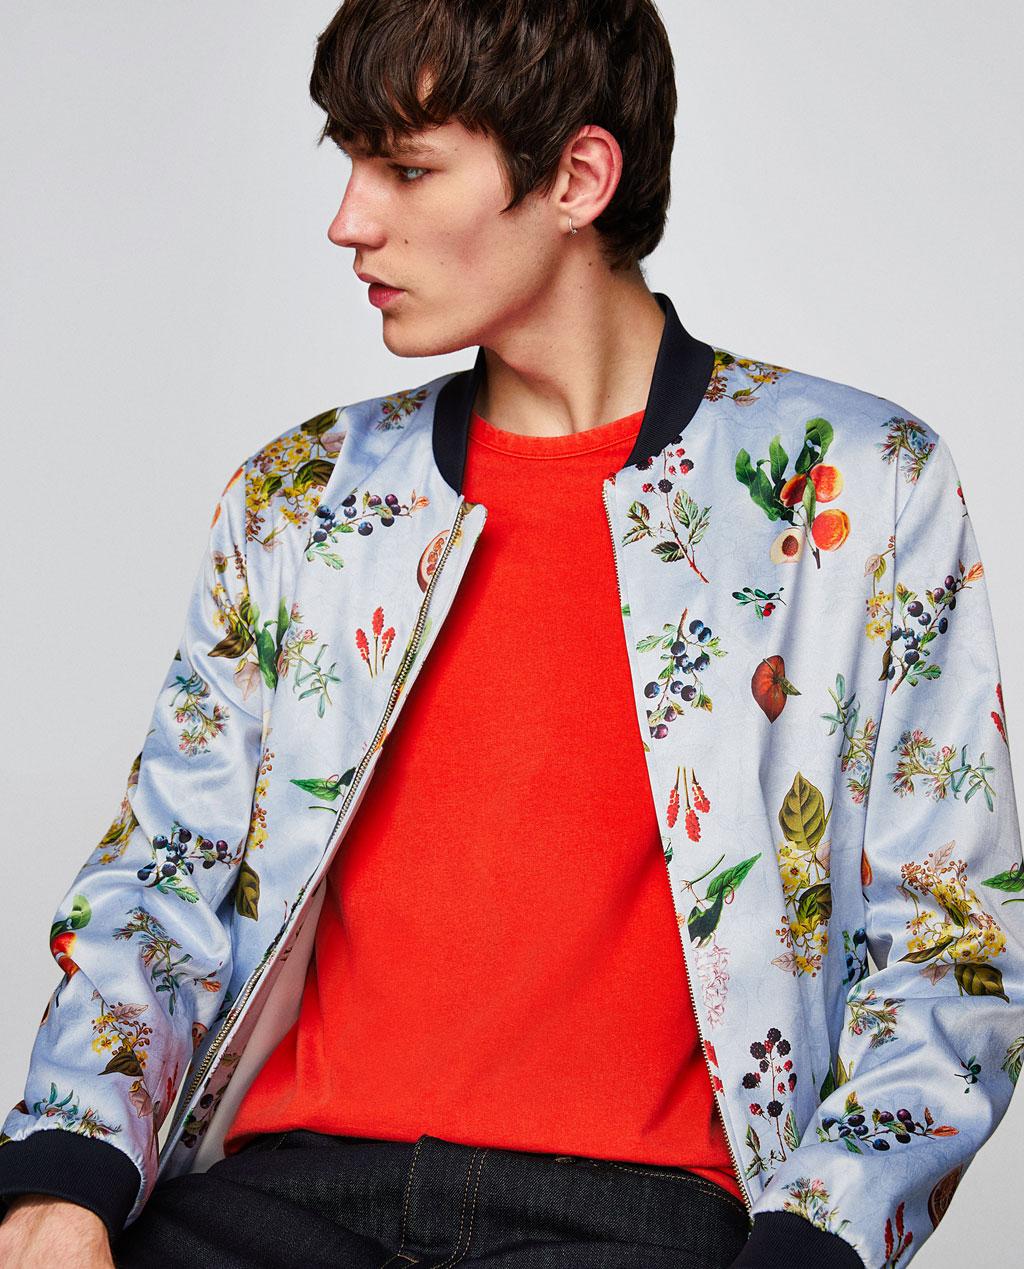 Thời trang nam Zara  24140 - ảnh 4